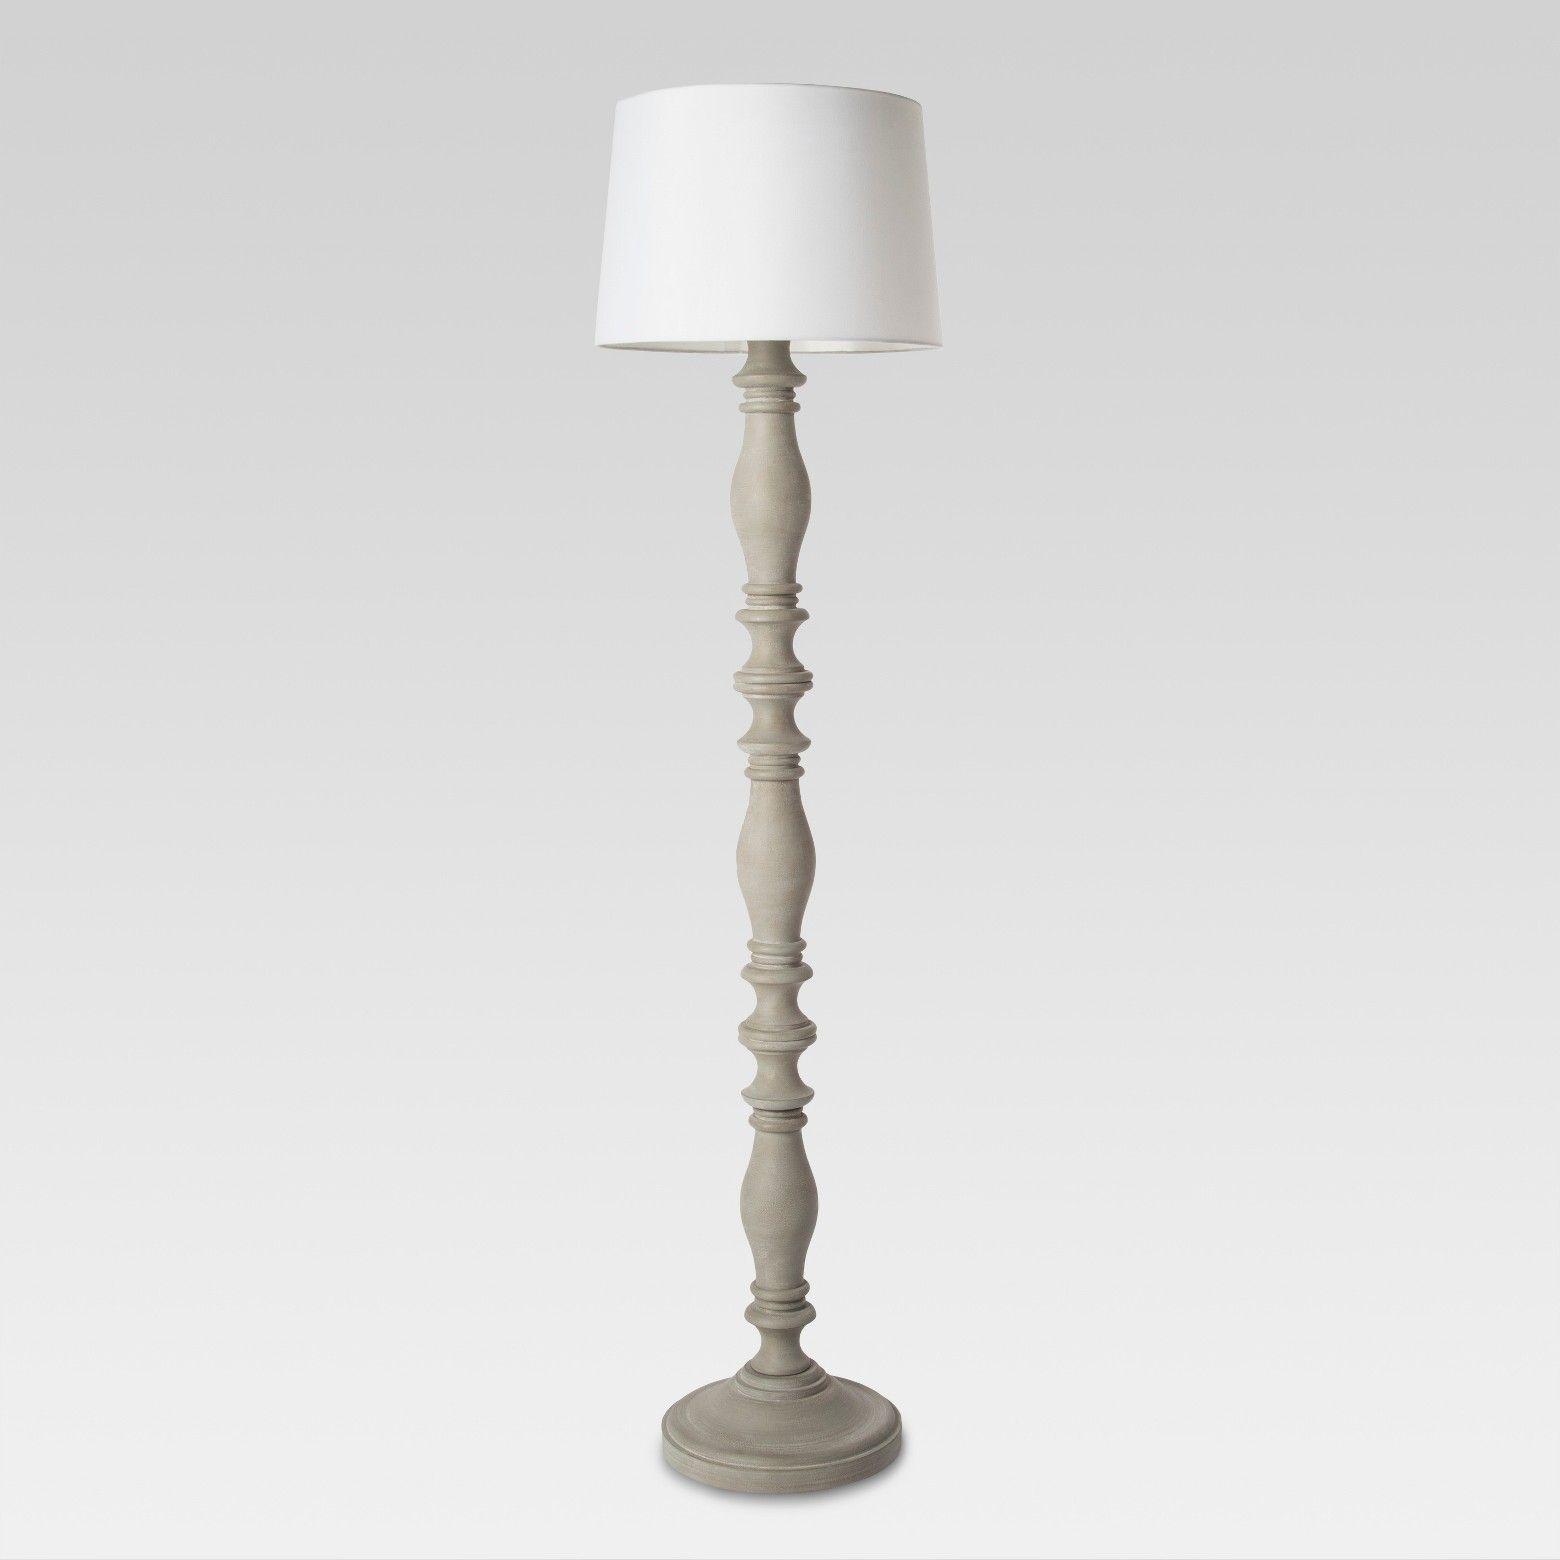 Turned Polywood Floor Lamp Threshold Floor Lamp Grey Floor